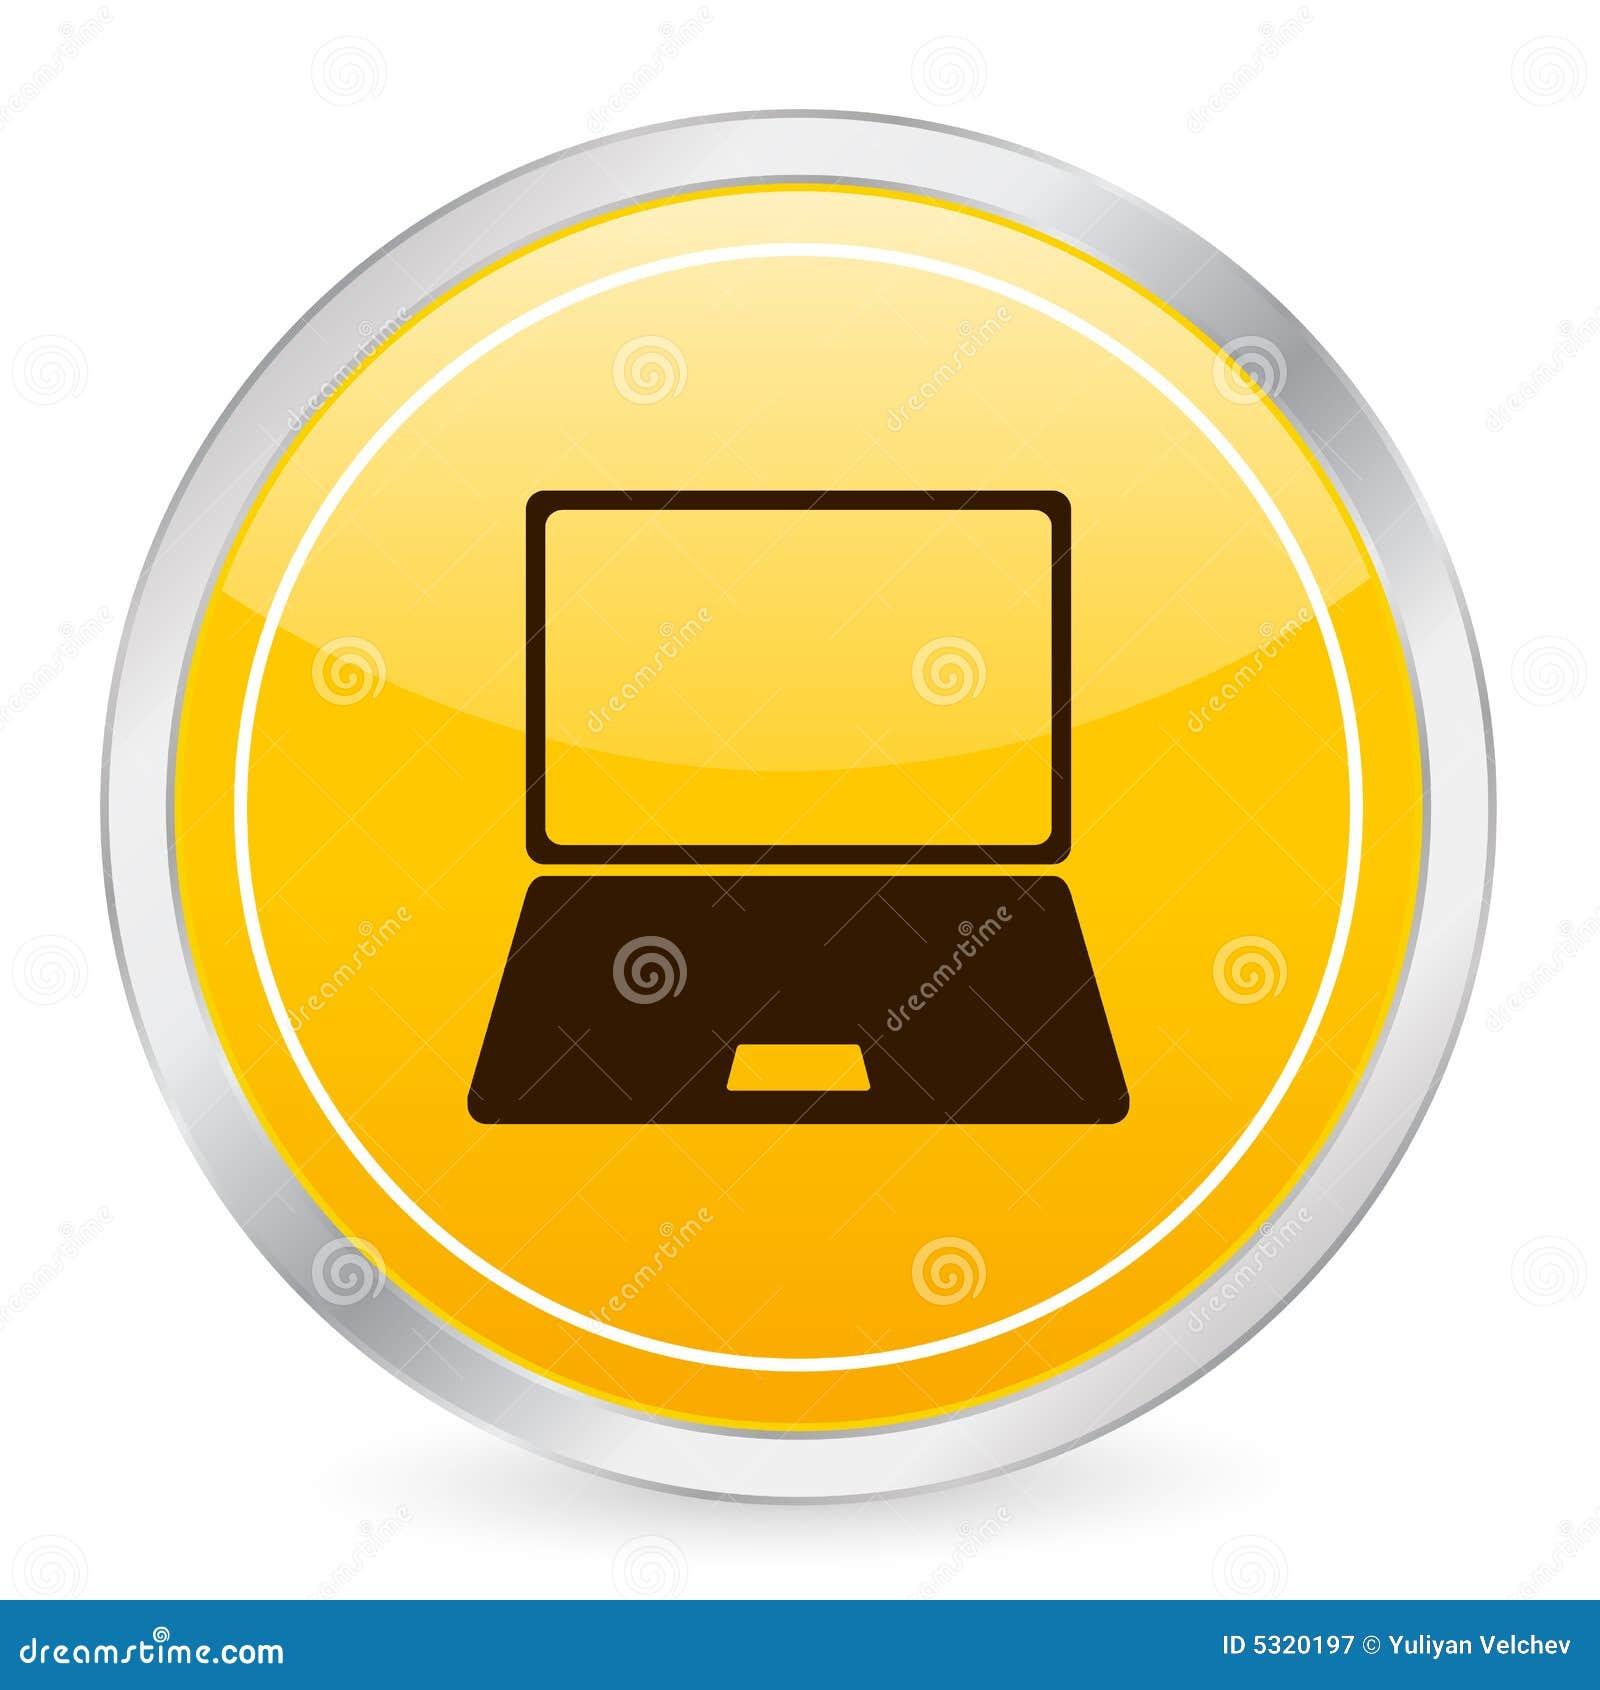 Download Icona Gialla Del Cerchio Del Computer Portatile Illustrazione Vettoriale - Illustrazione di scatto, figura: 5320197